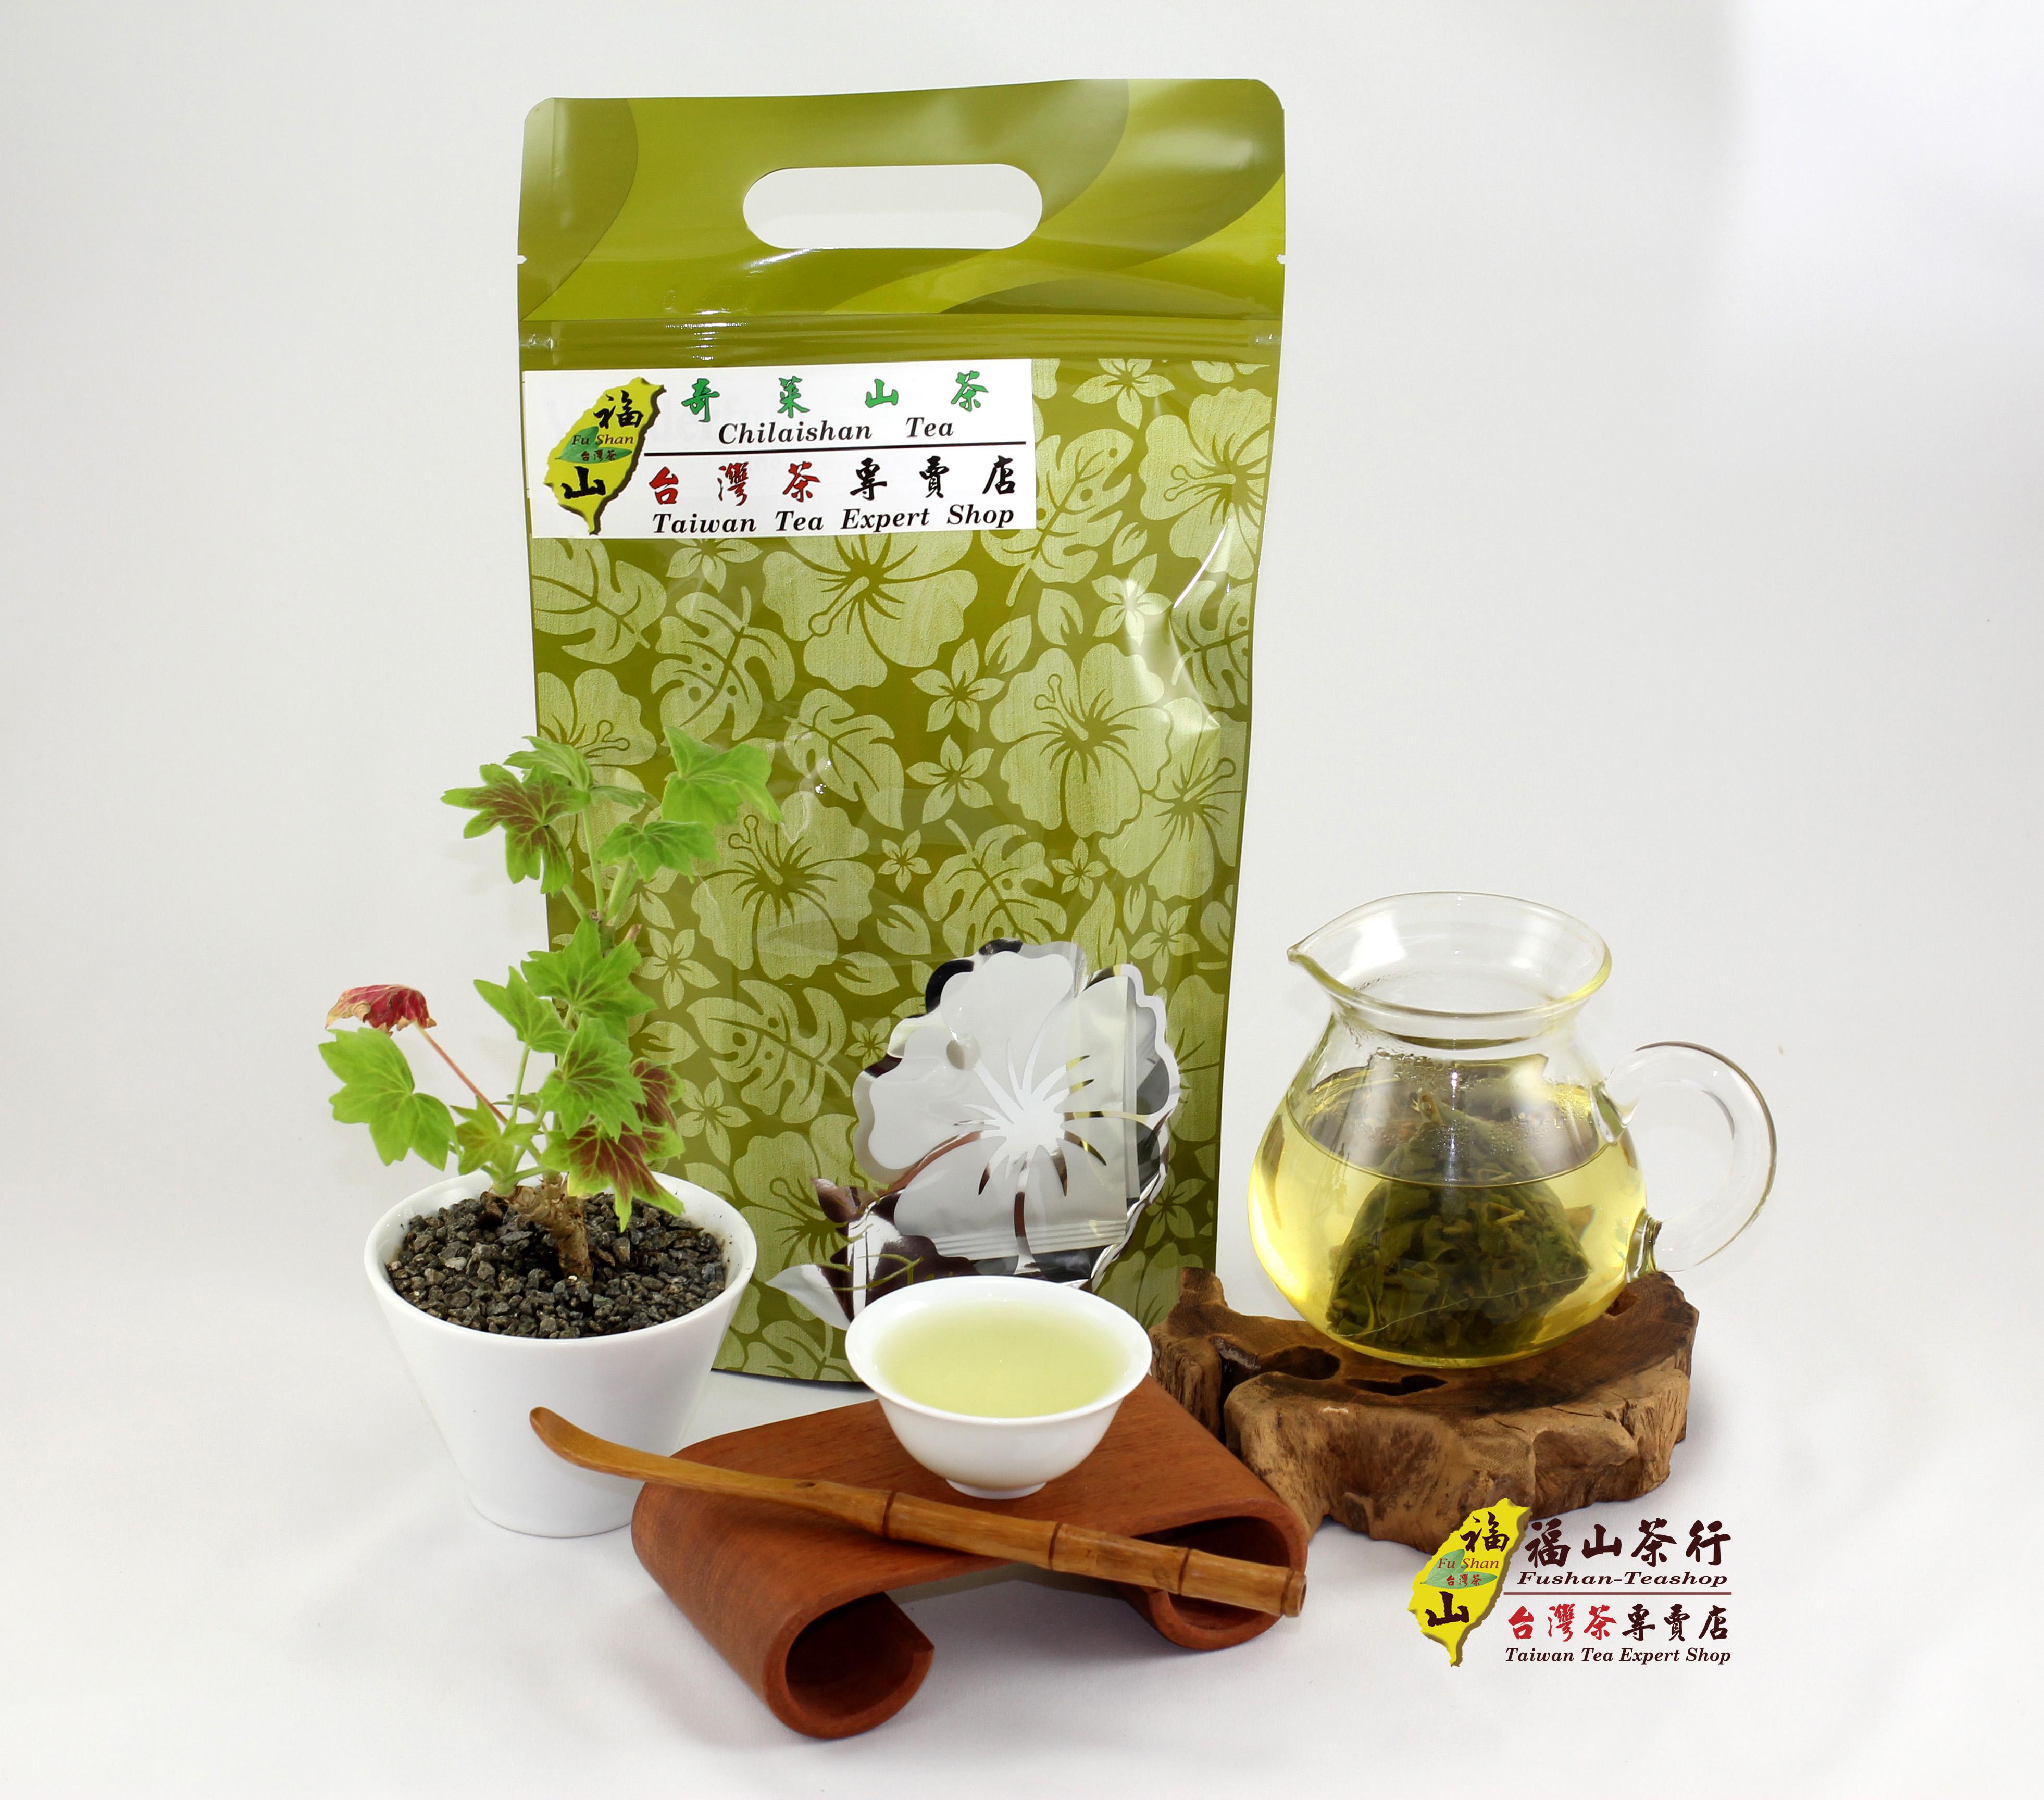 奇萊山原葉立體茶包170包【清香型‧團購最划算免運費】